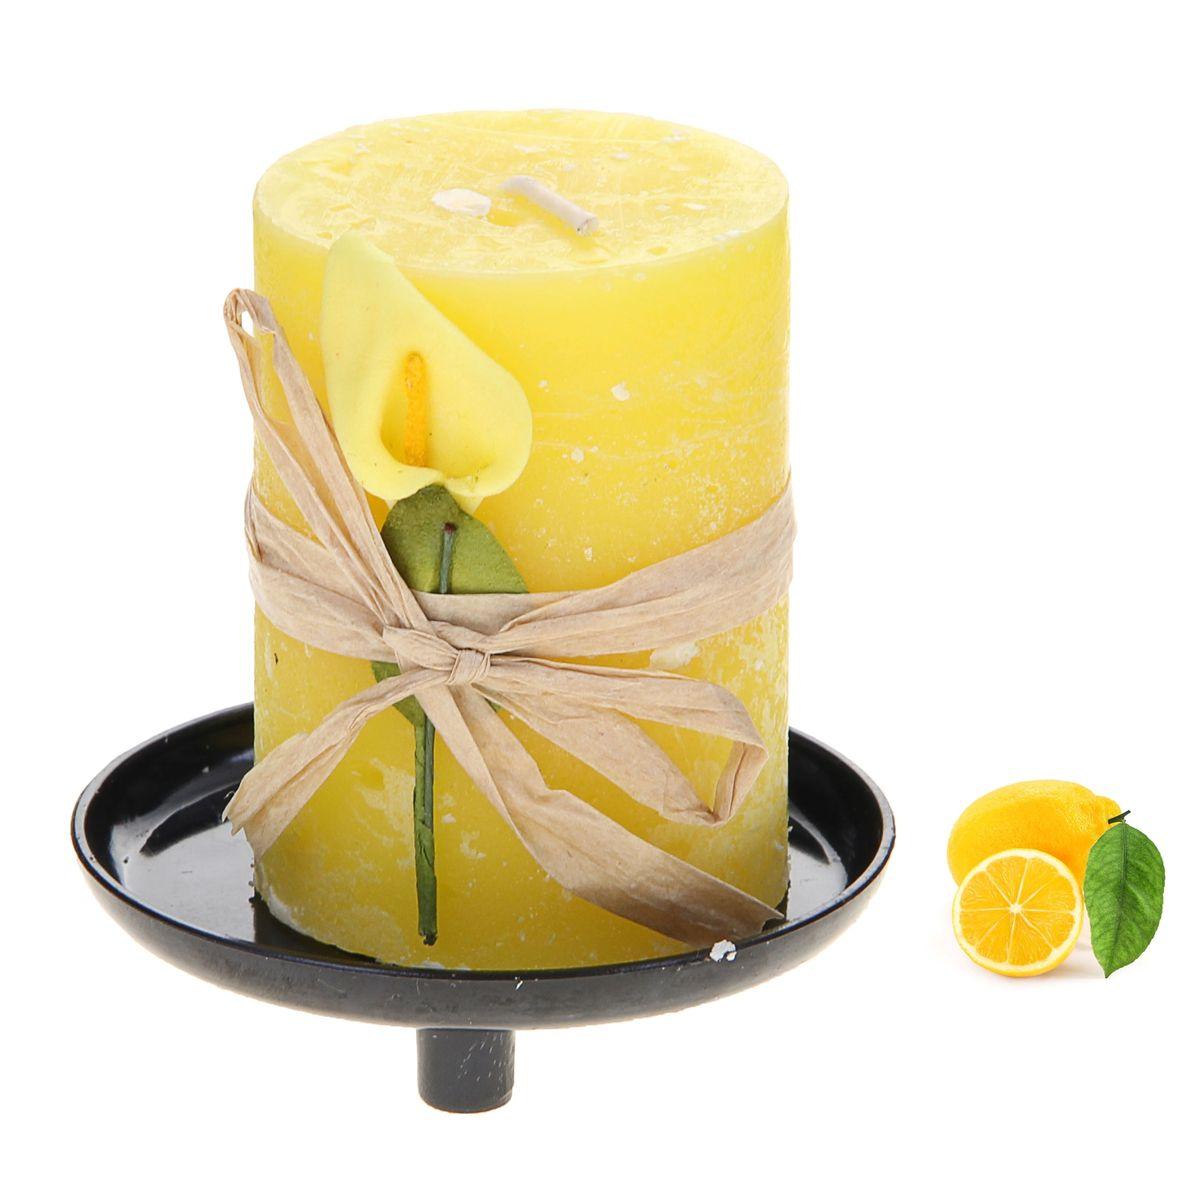 Свеча ароматизированная Sima-land Лимон, на подставке, высота 6 см907697Свеча Sima-land Лимон выполнена из воска в виде столбика. Свеча порадует ярким дизайном и сочным ароматом лимона, который понравится как женщинам, так и мужчинам. Изделие размещено на оригинальной пластиковой подставке.Создайте для себя и своих близких незабываемую атмосферу праздника в доме. Ароматическая свеча Sima-land Лимон раскрасит серые будни яркими красками.Высота свечи (без учета подставки): 6 см. Высота подставки: 1,5 см.